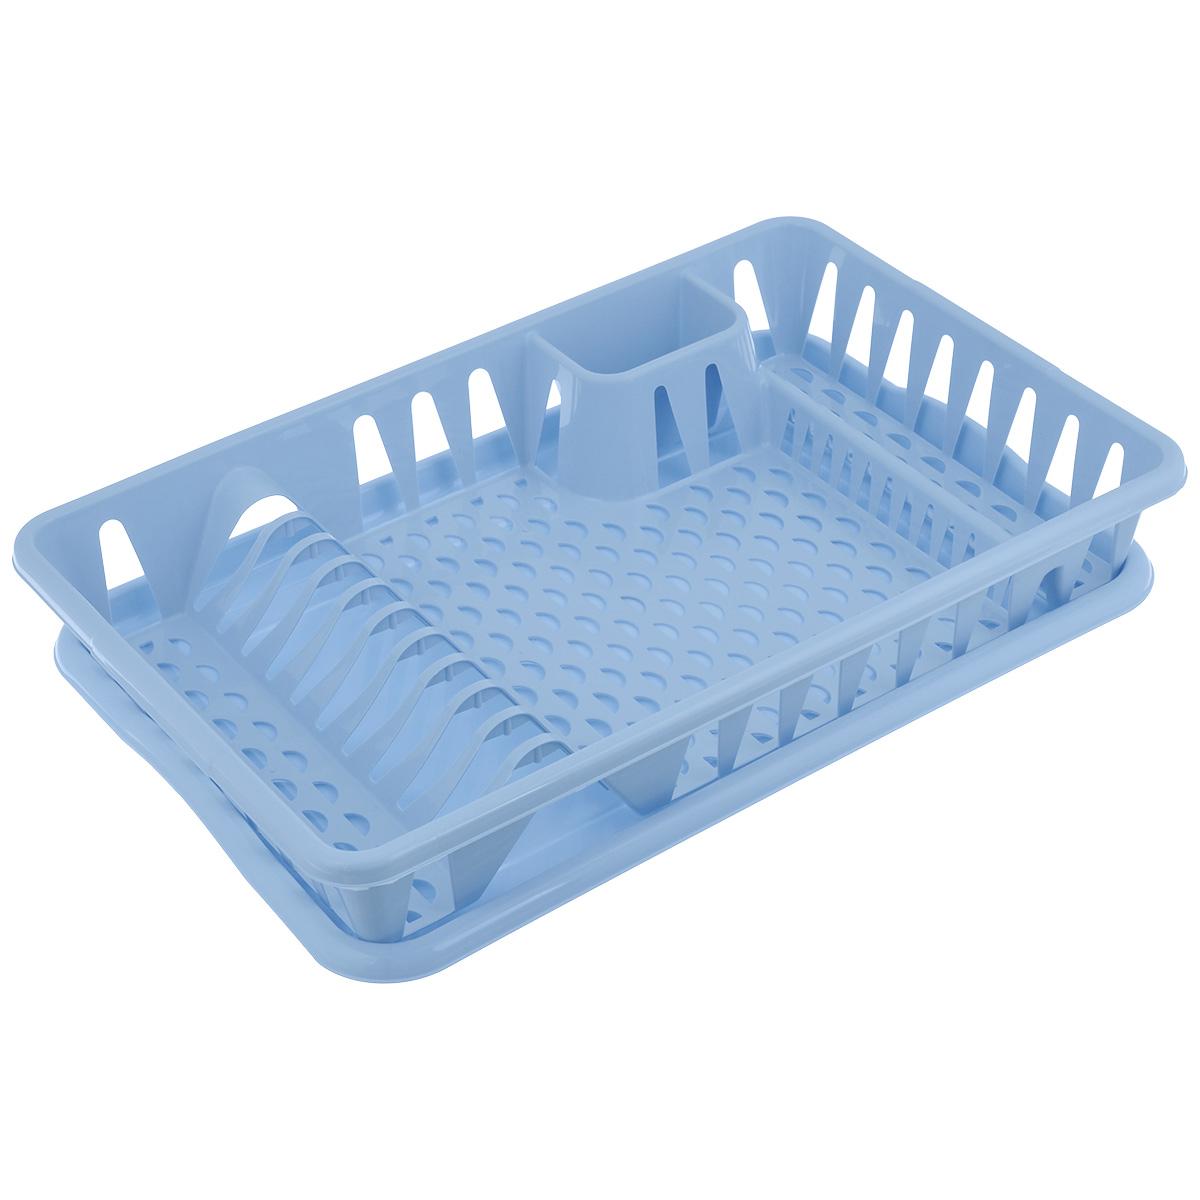 Сушилка для посуды Idea, с поддоном, цвет: голубой, 50 см х 32,5 см х 8 см канвас idea балкончик 40 х 50 см